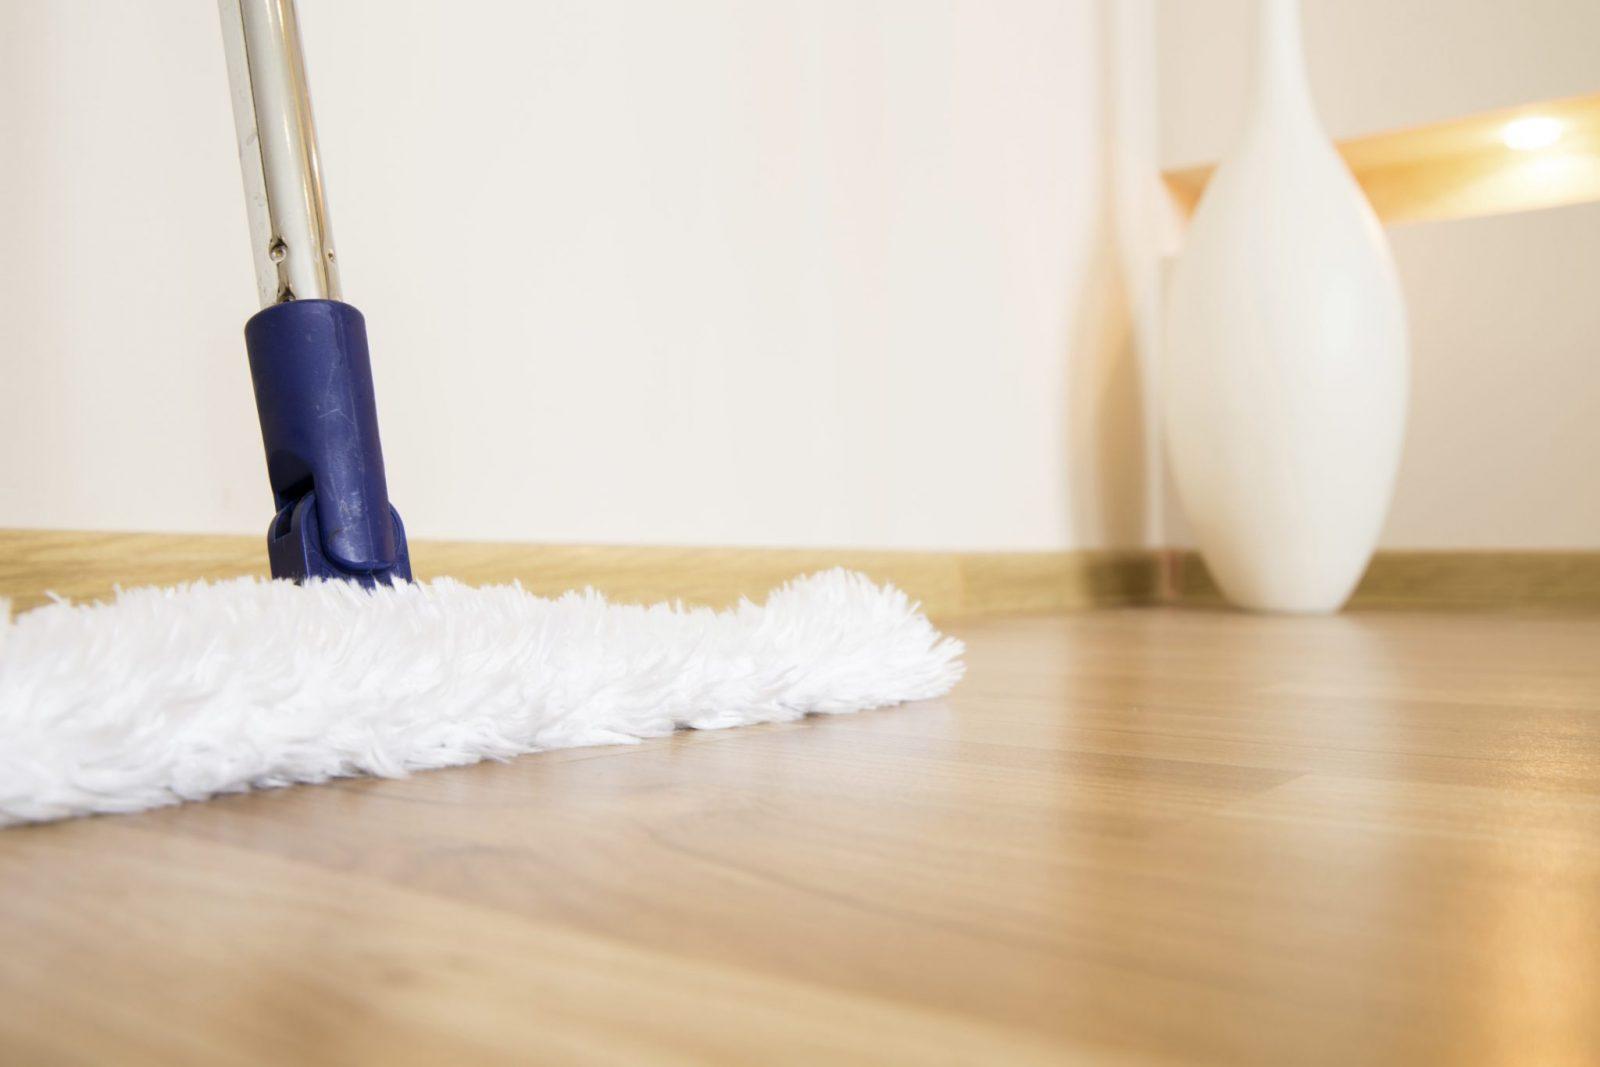 Sanding & Refinishing | The Floor Store